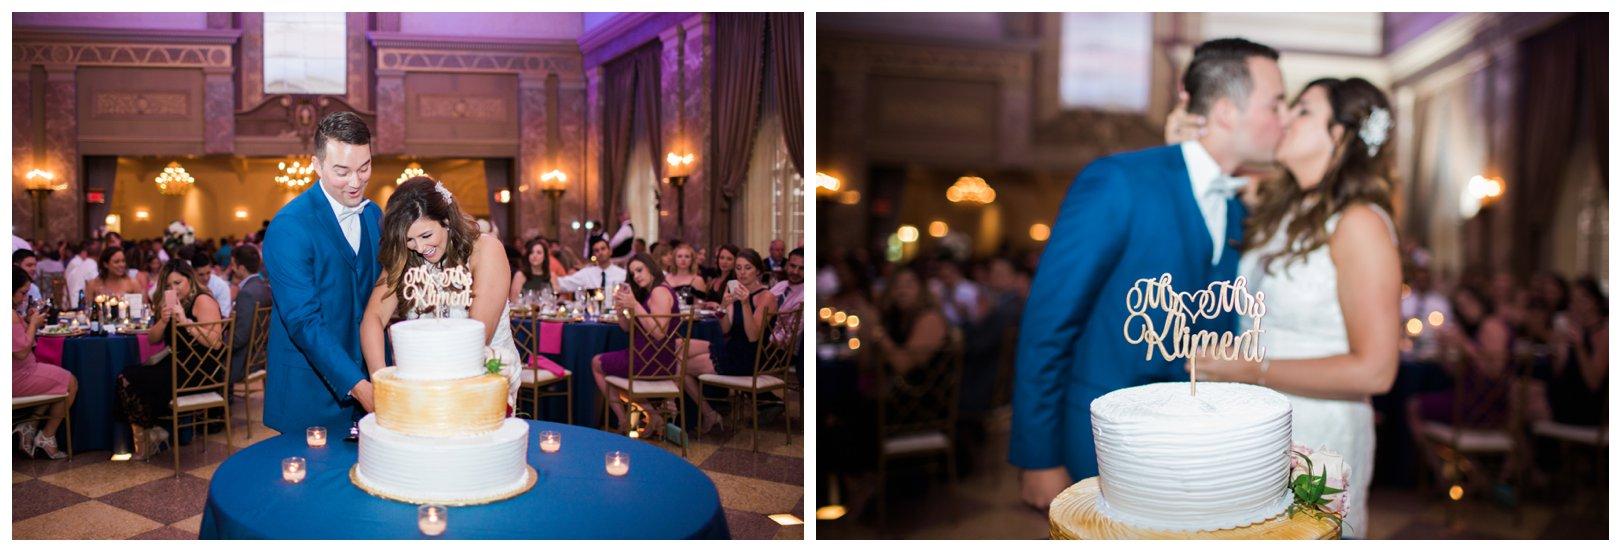 lauren muckler photography_fine art film wedding photography_st louis_photography_1207.jpg